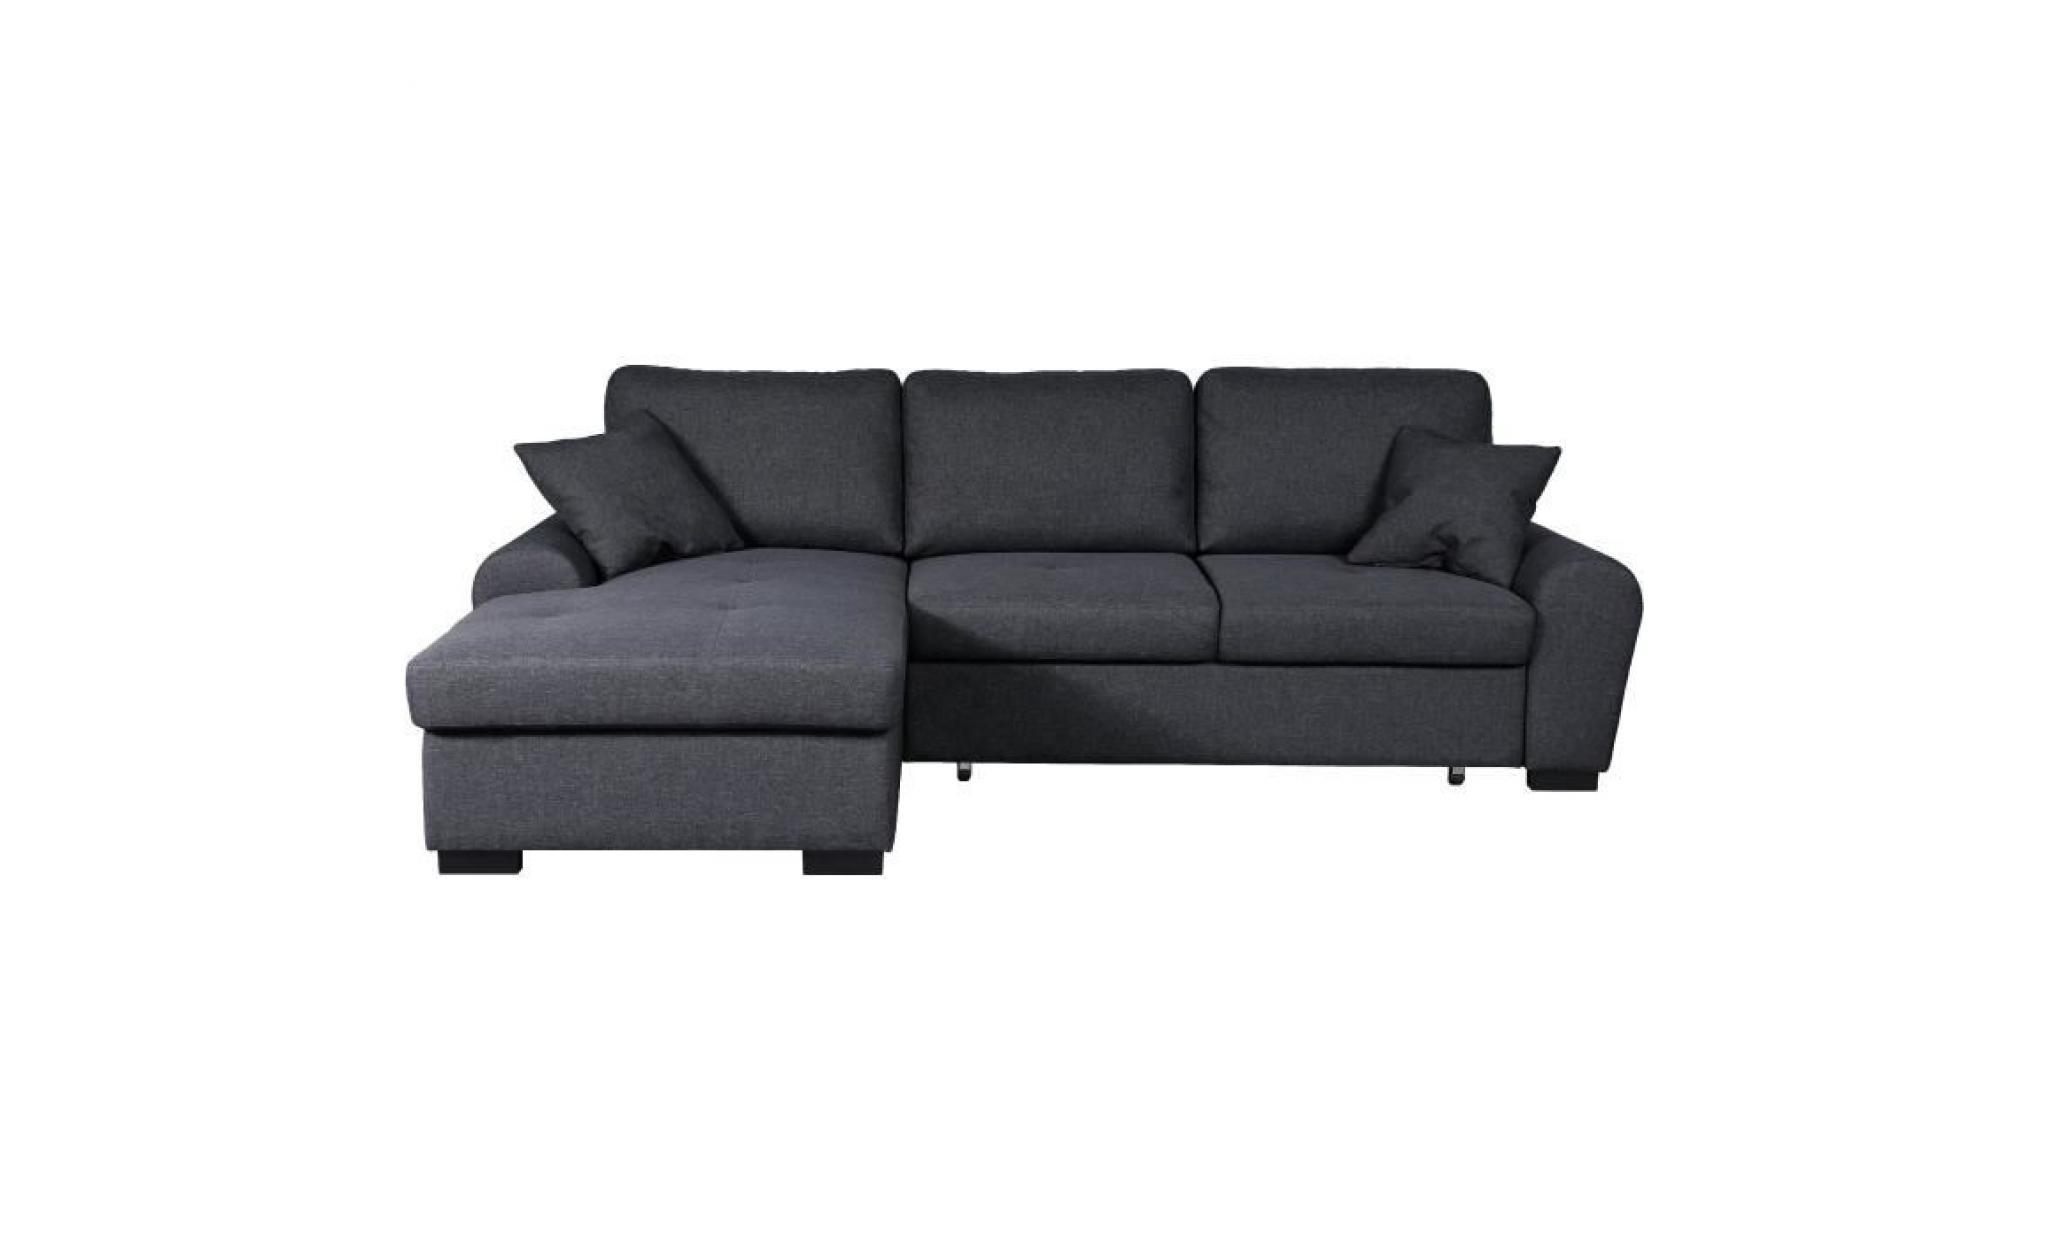 la meilleure attitude b31f9 32a87 jena canapé d'angle gauche convertible 5 places tissu gris foncé  contemporain l 248 x p 173 cm